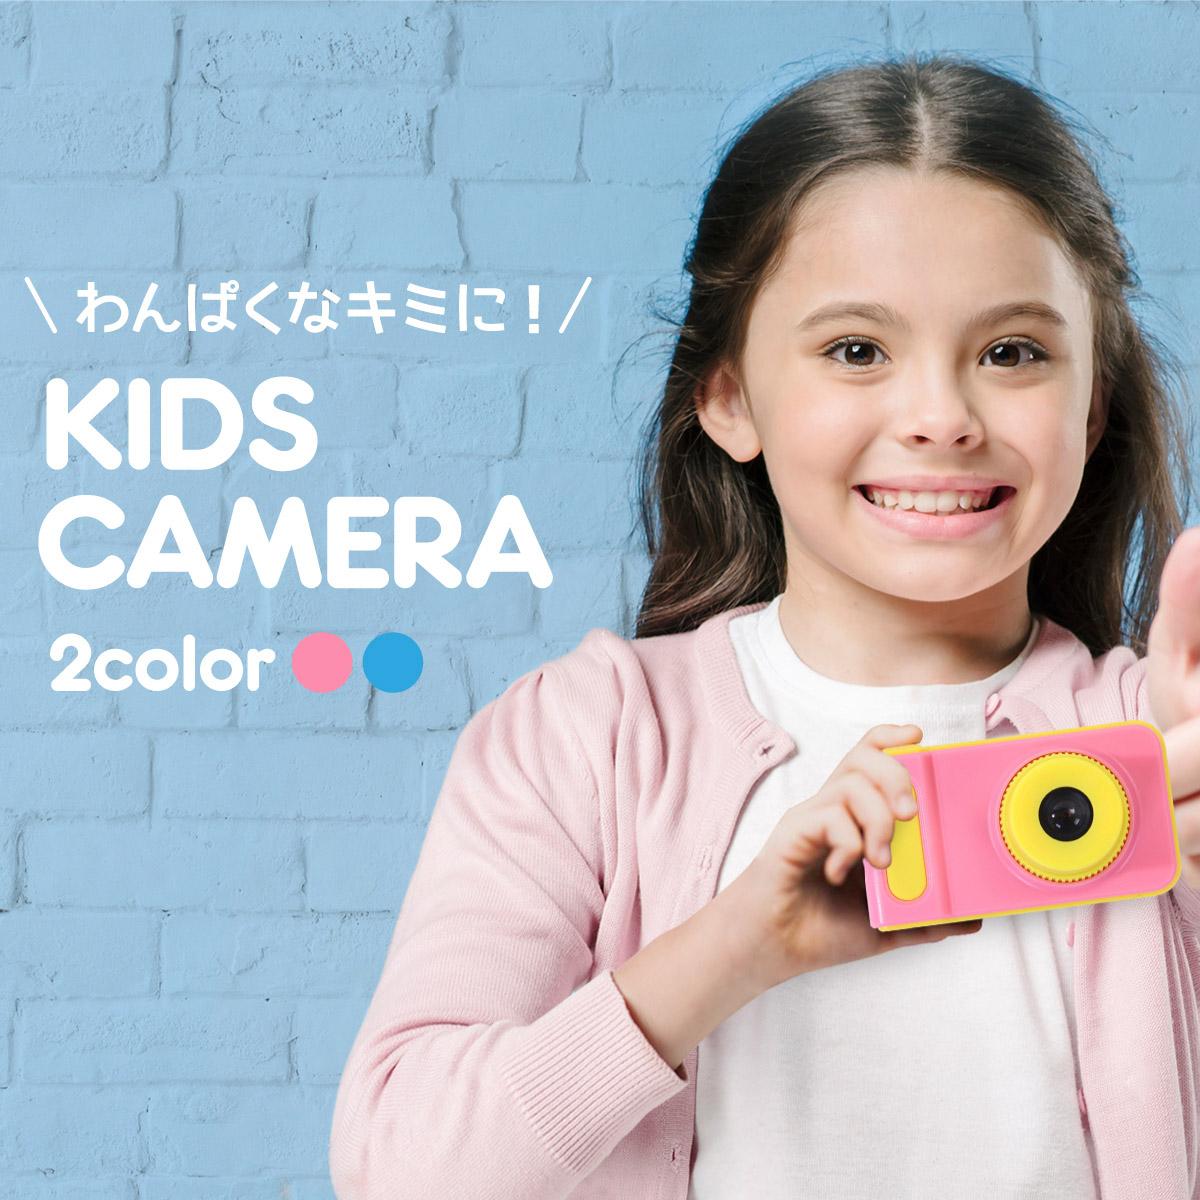 おもちゃだけど本格的 800万画素で綺麗に撮影できます ボタンを押すだけなので お子さんでもパパ ママでも操作がしやすくなっています キッズカメラ 子供用カメラ トイカメラ デジタルカメラ 800万画素 モニター付き 自撮り 男の子 ピンク 女の子 こども 耐衝撃 ゲーム ムービー ブルー 贈り物 デジカメ ストラップ 動画 マイクロSD ラッピング無料